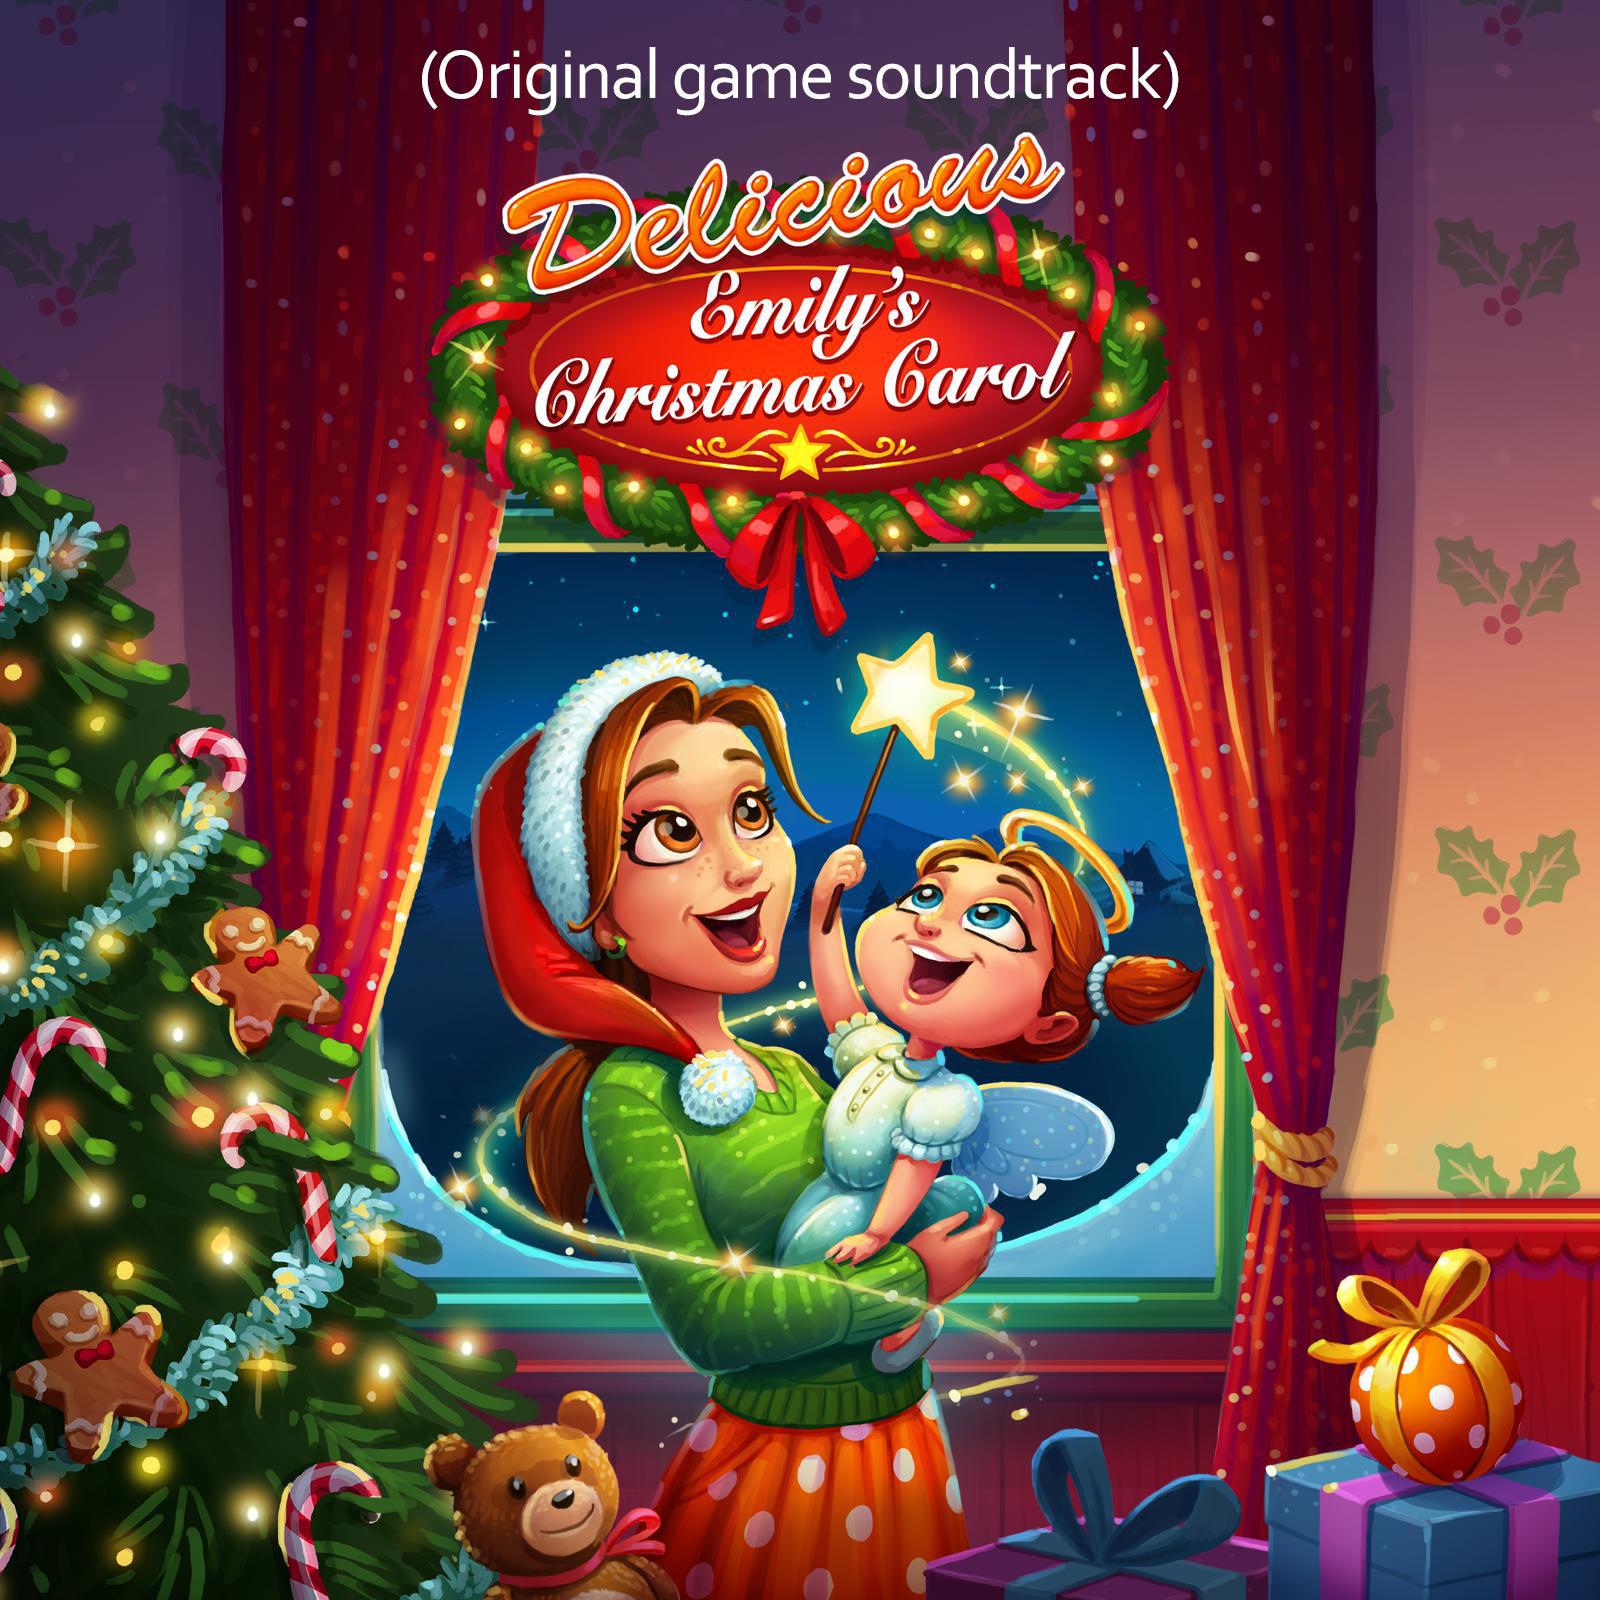 - Original Christmas Carol